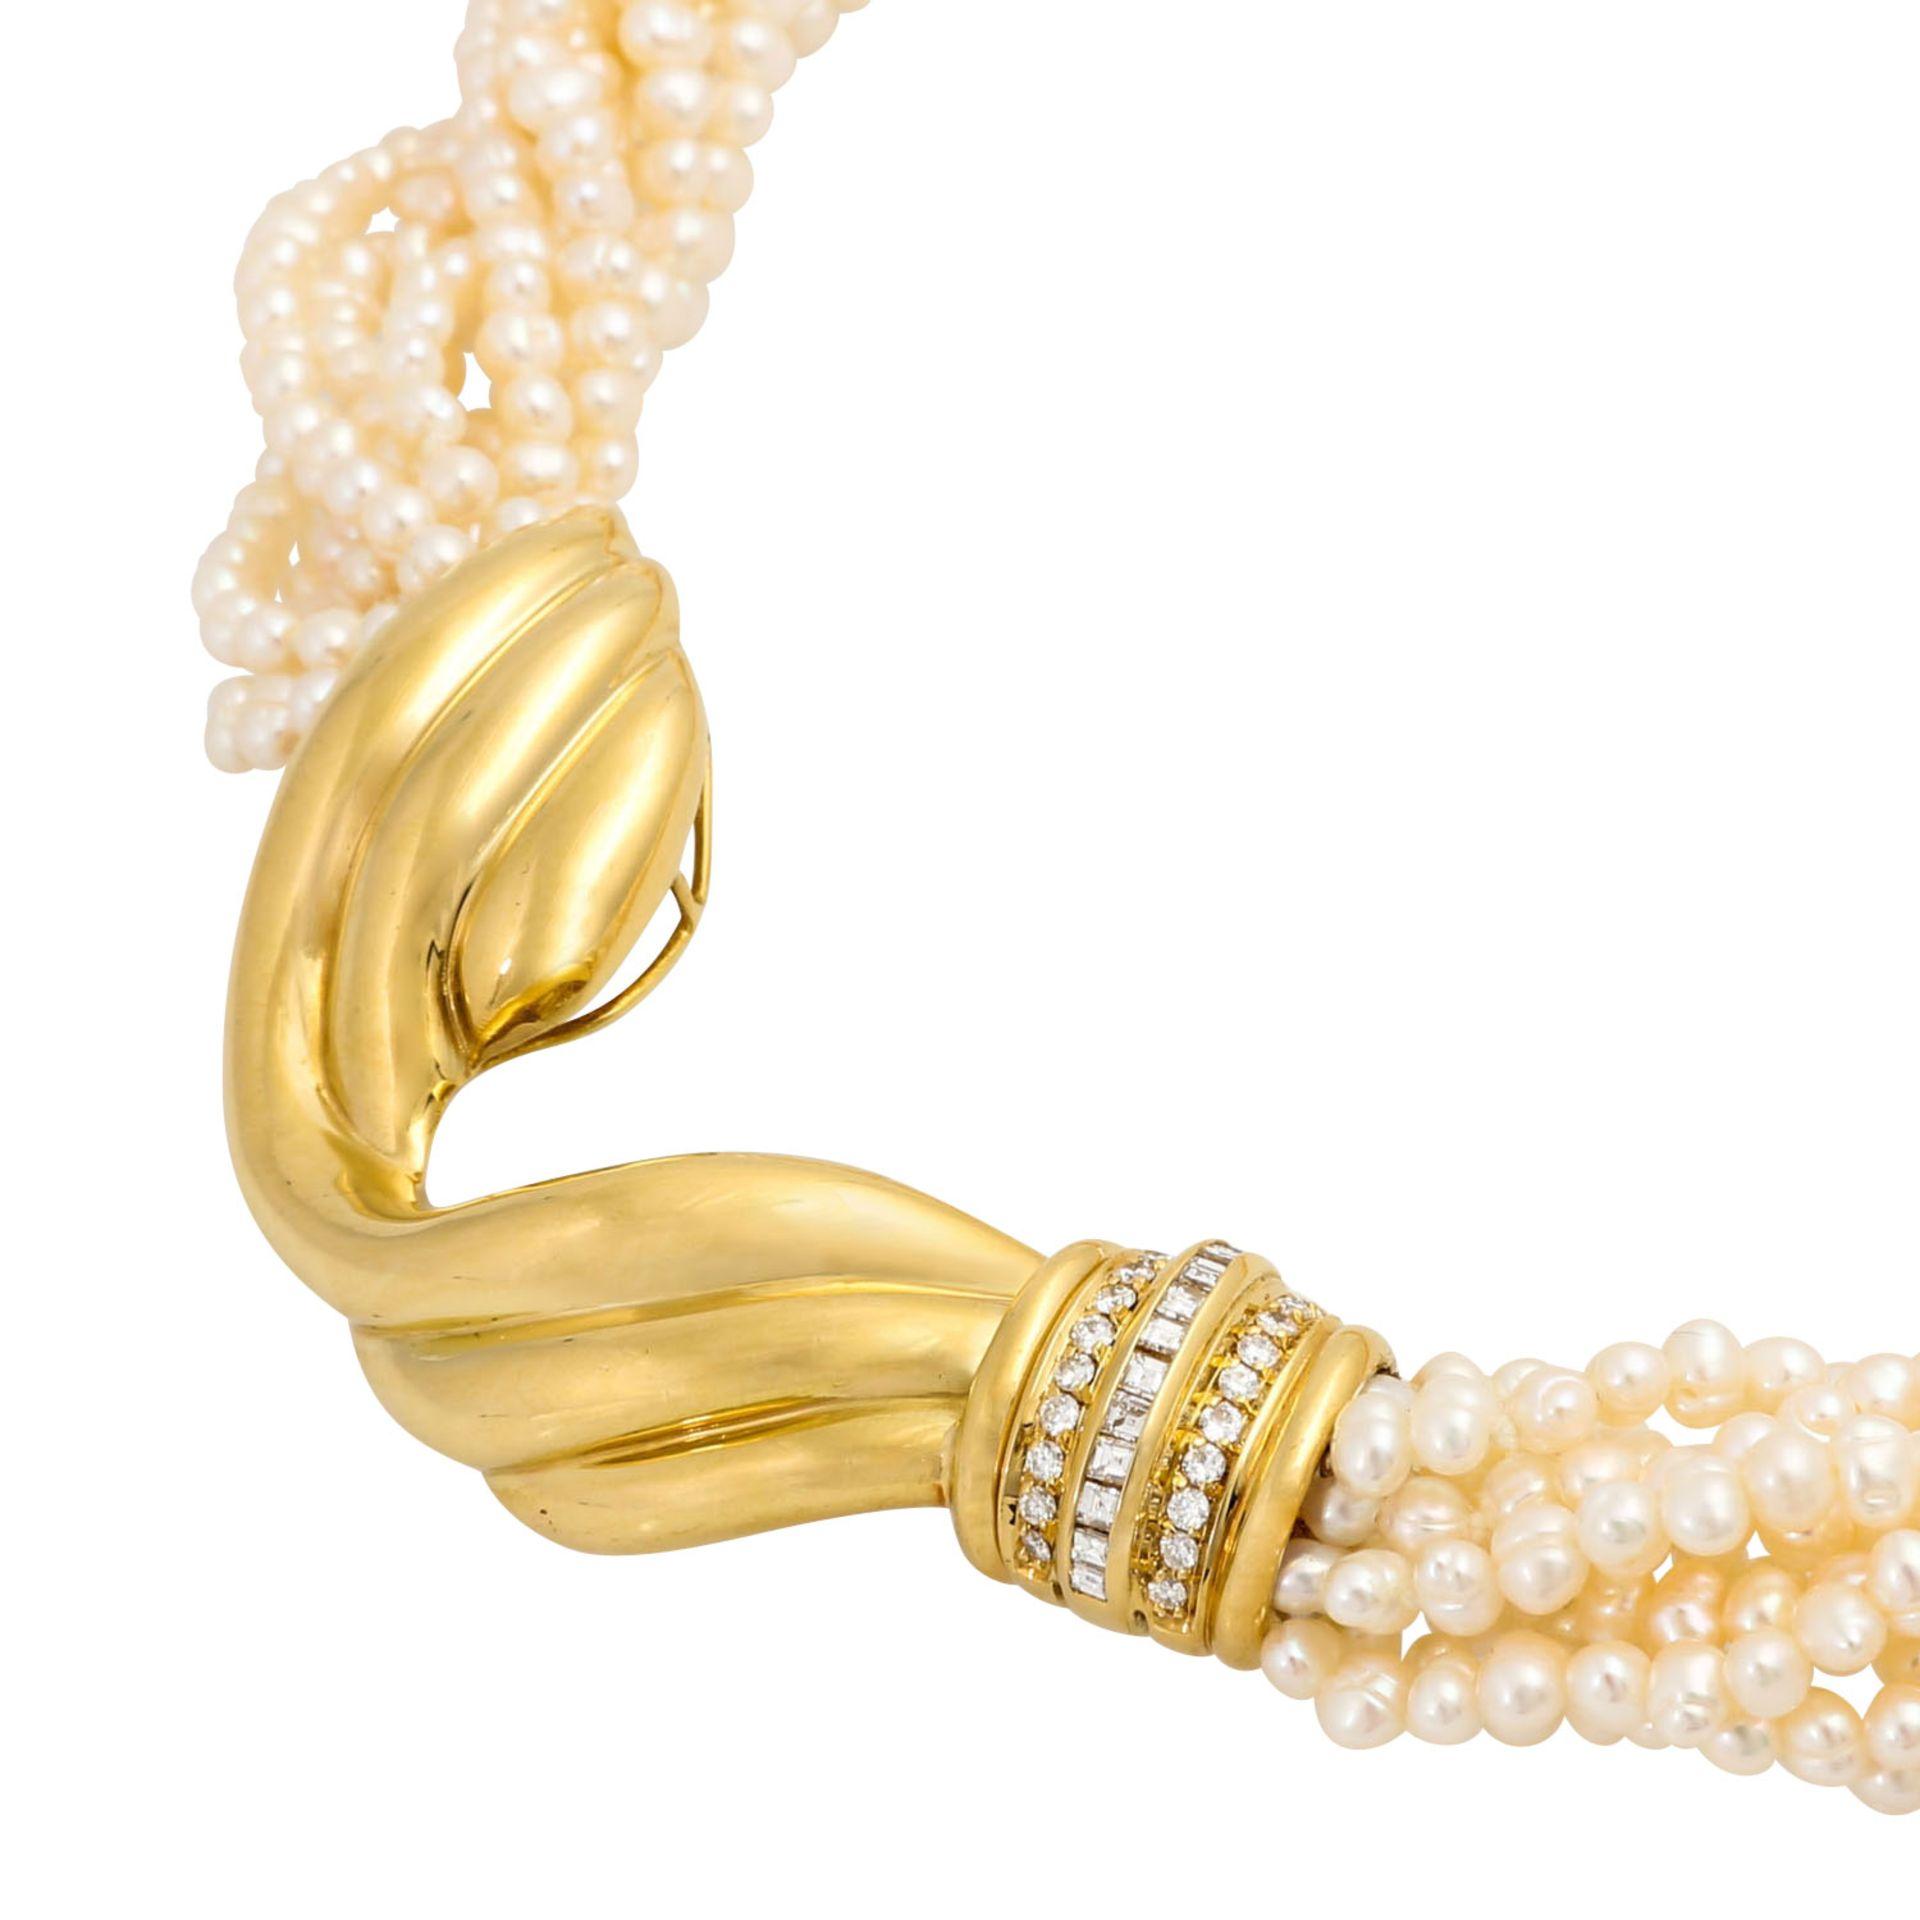 Perlencollier mit Mittelteil besetzt mit Diamanten von zus. ca. 0,45 ct, Brillant- u. - Image 3 of 5